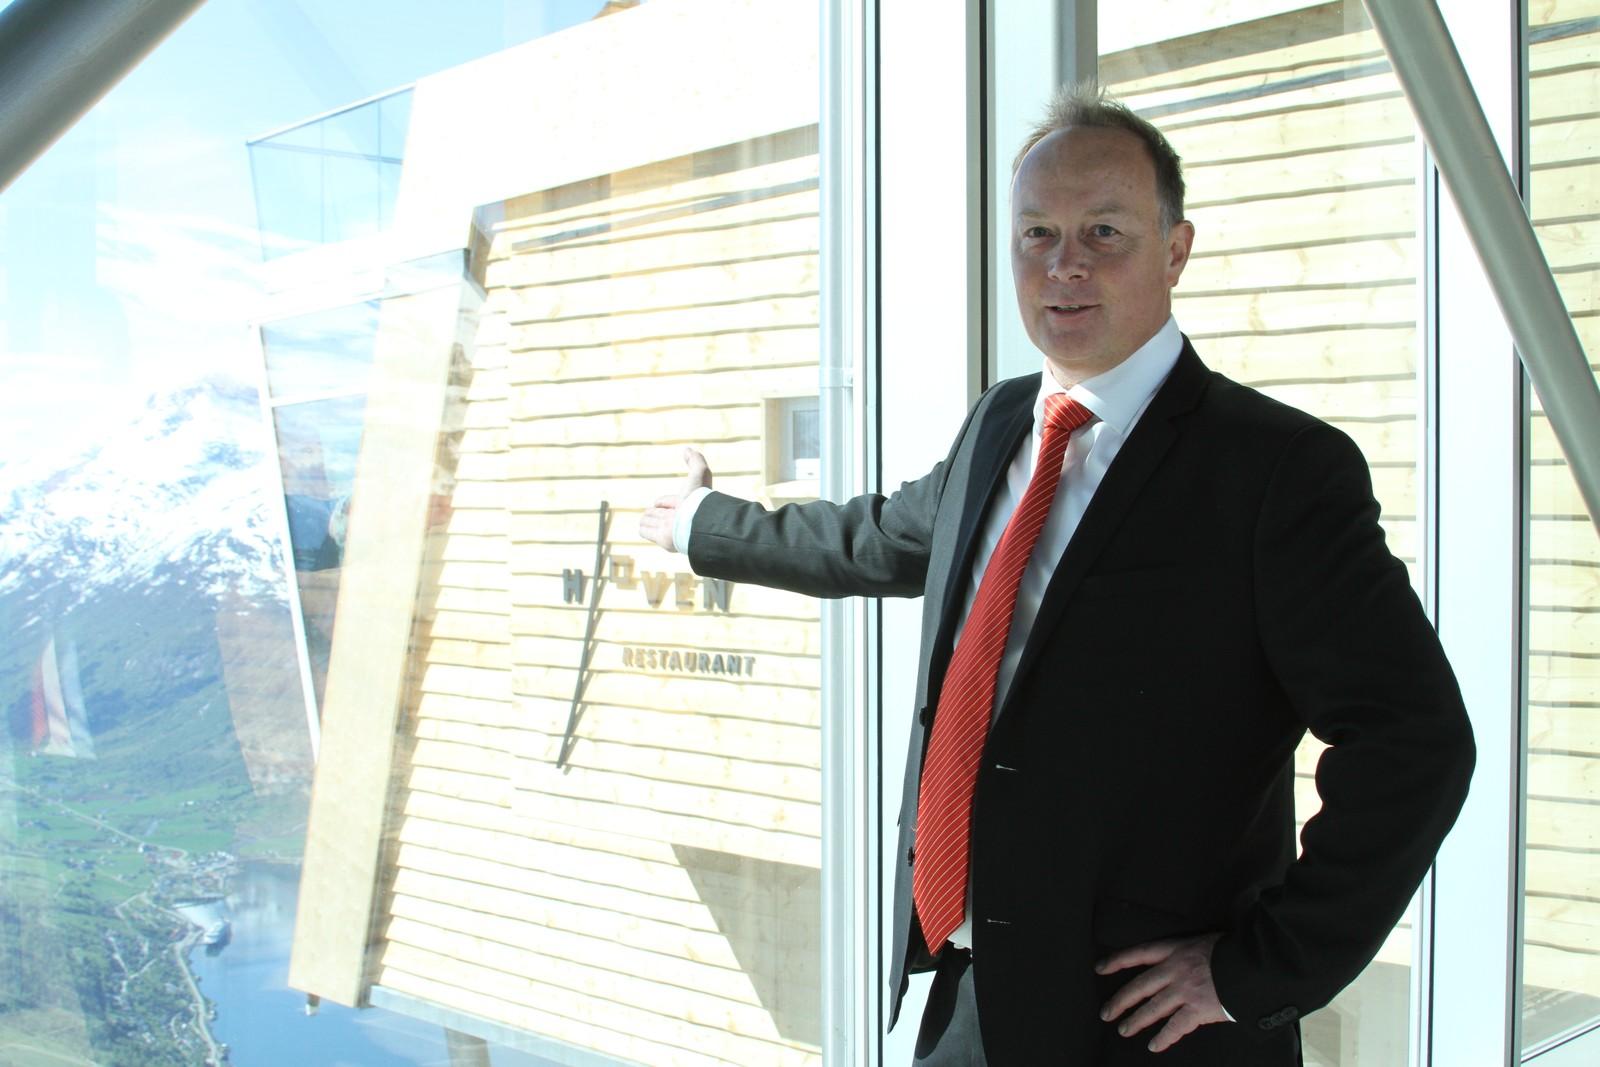 LEIAR: Jarle Grov er sjef på restauranten på toppen av Loen skylift.